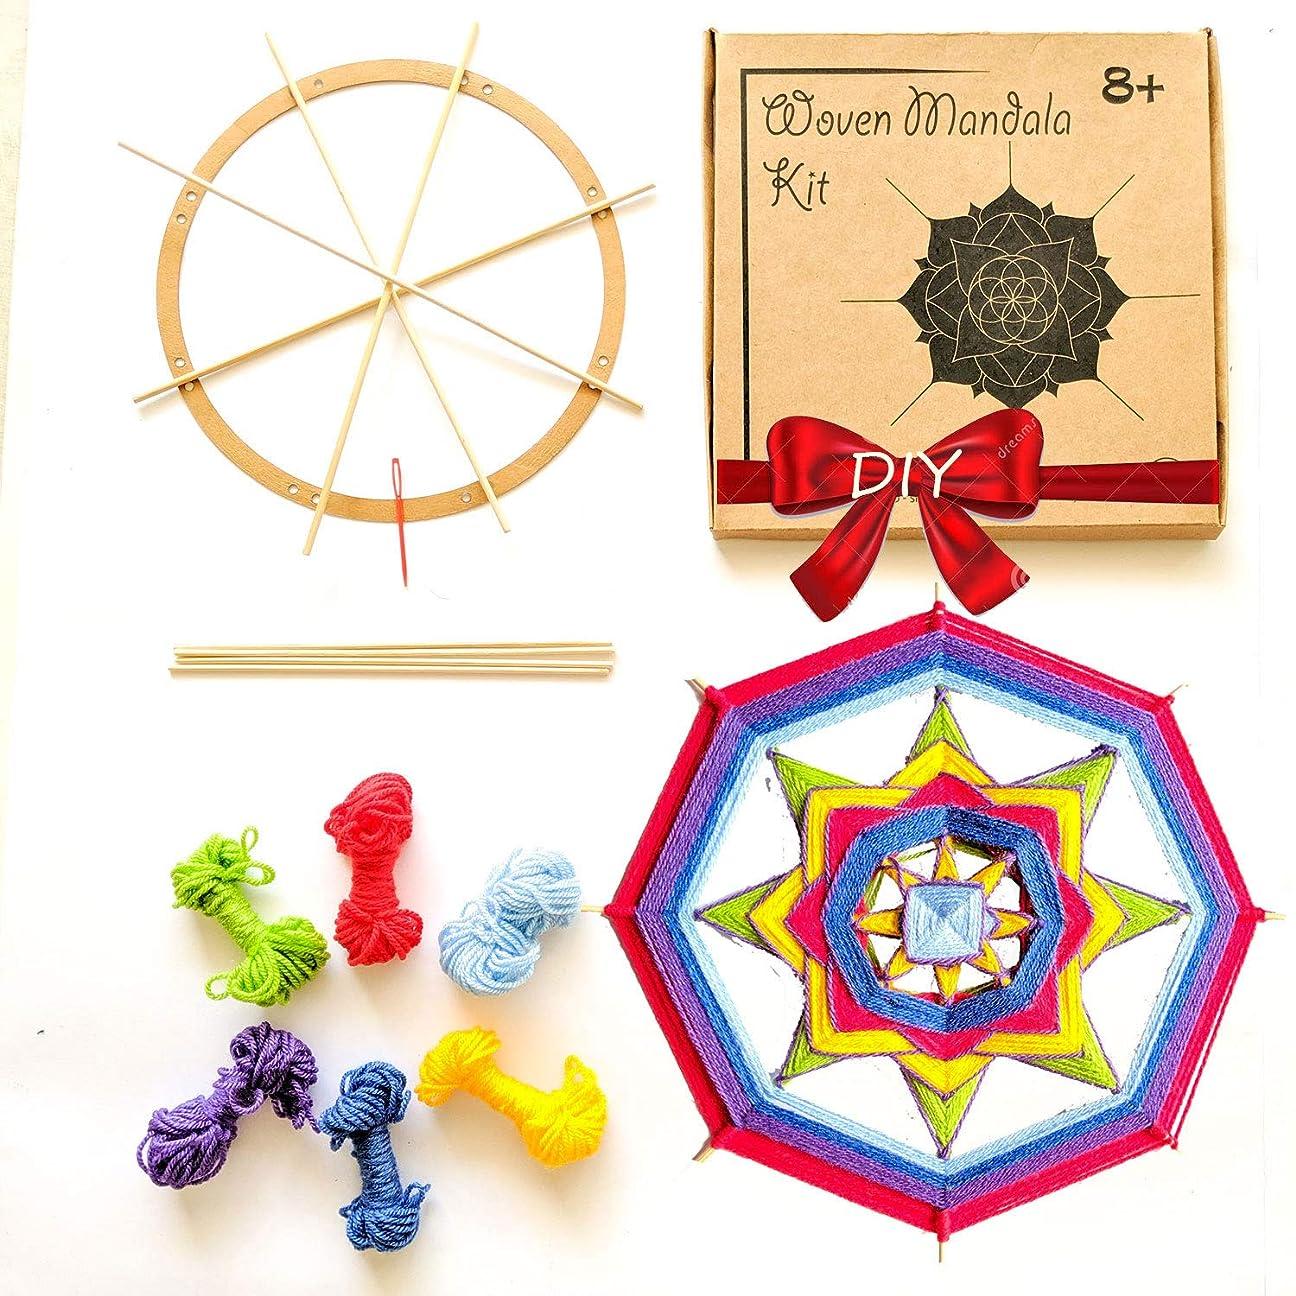 マングル君主乱すMandala Life ART DIY ドリームキャッチャーキット 8x25インチ Woven Mandala Kit WM3